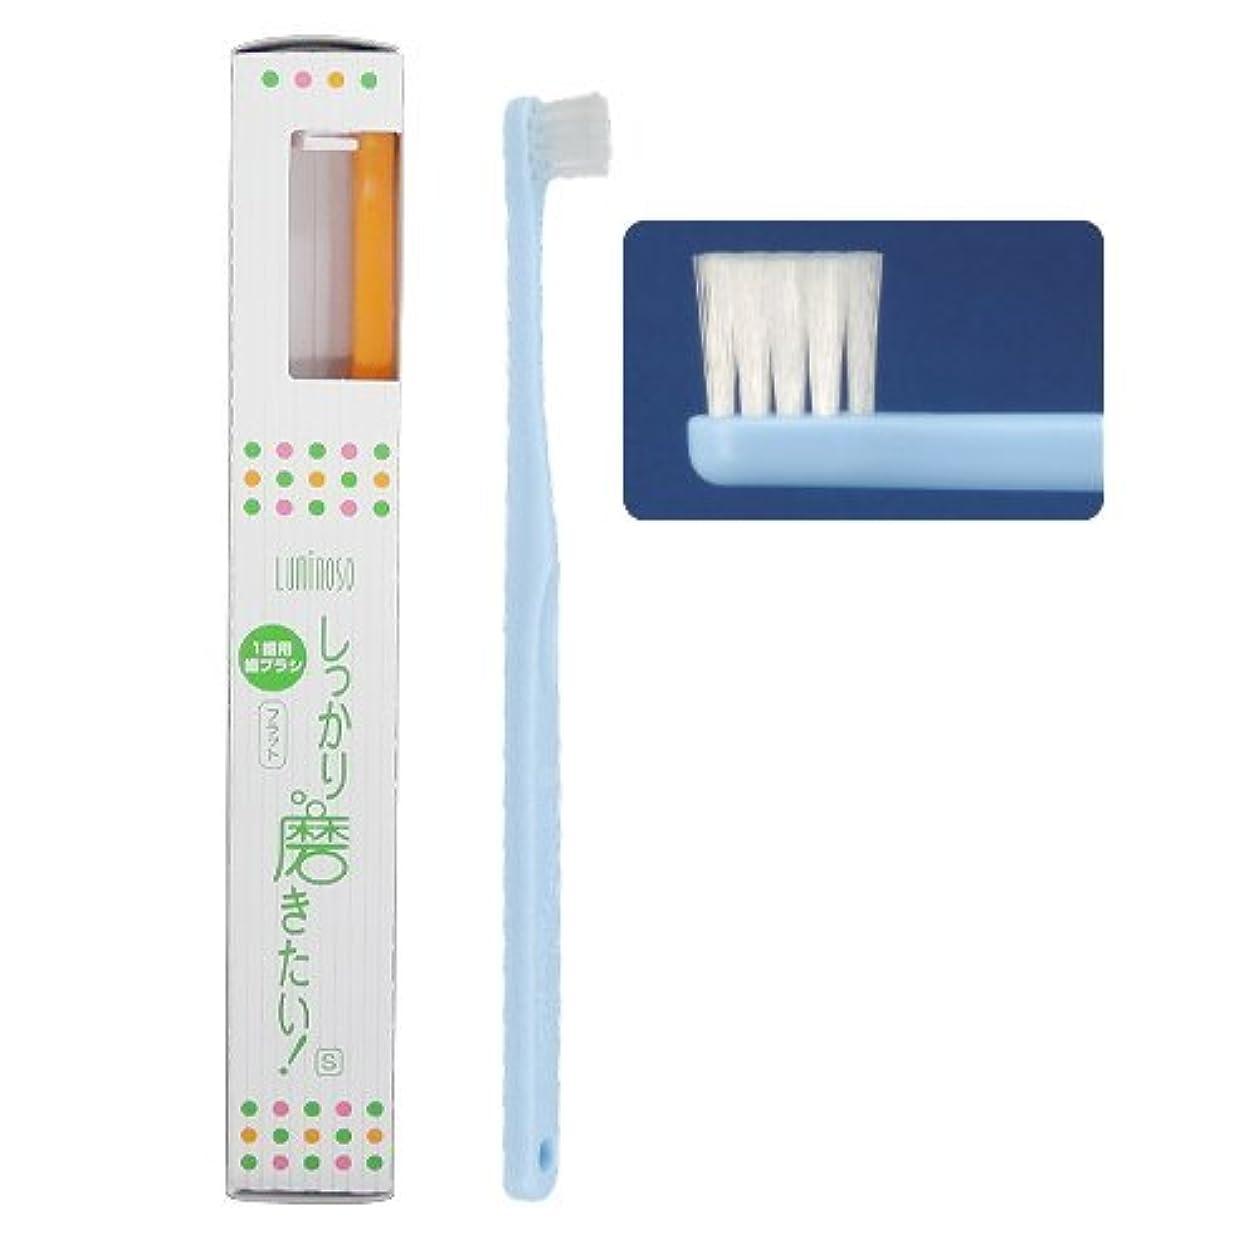 十代マウス健康的ルミノソ 1歯用歯ブラシ 「しっかり磨きたい!」 フラット ソフト (カラー指定不可) 5本